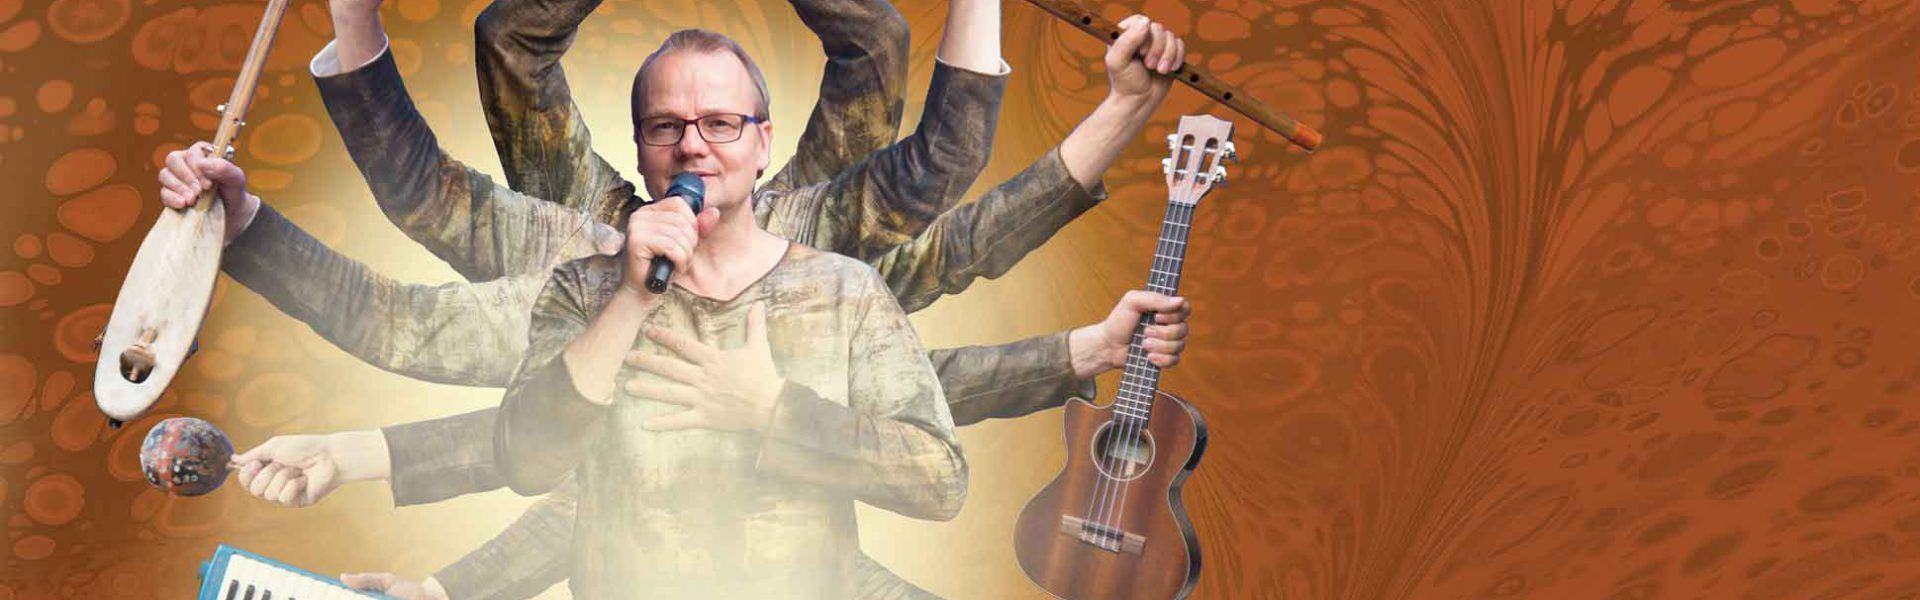 Praful :: Solo in Concert :: 9 November 2018 @Van Houtenkerk Weesp